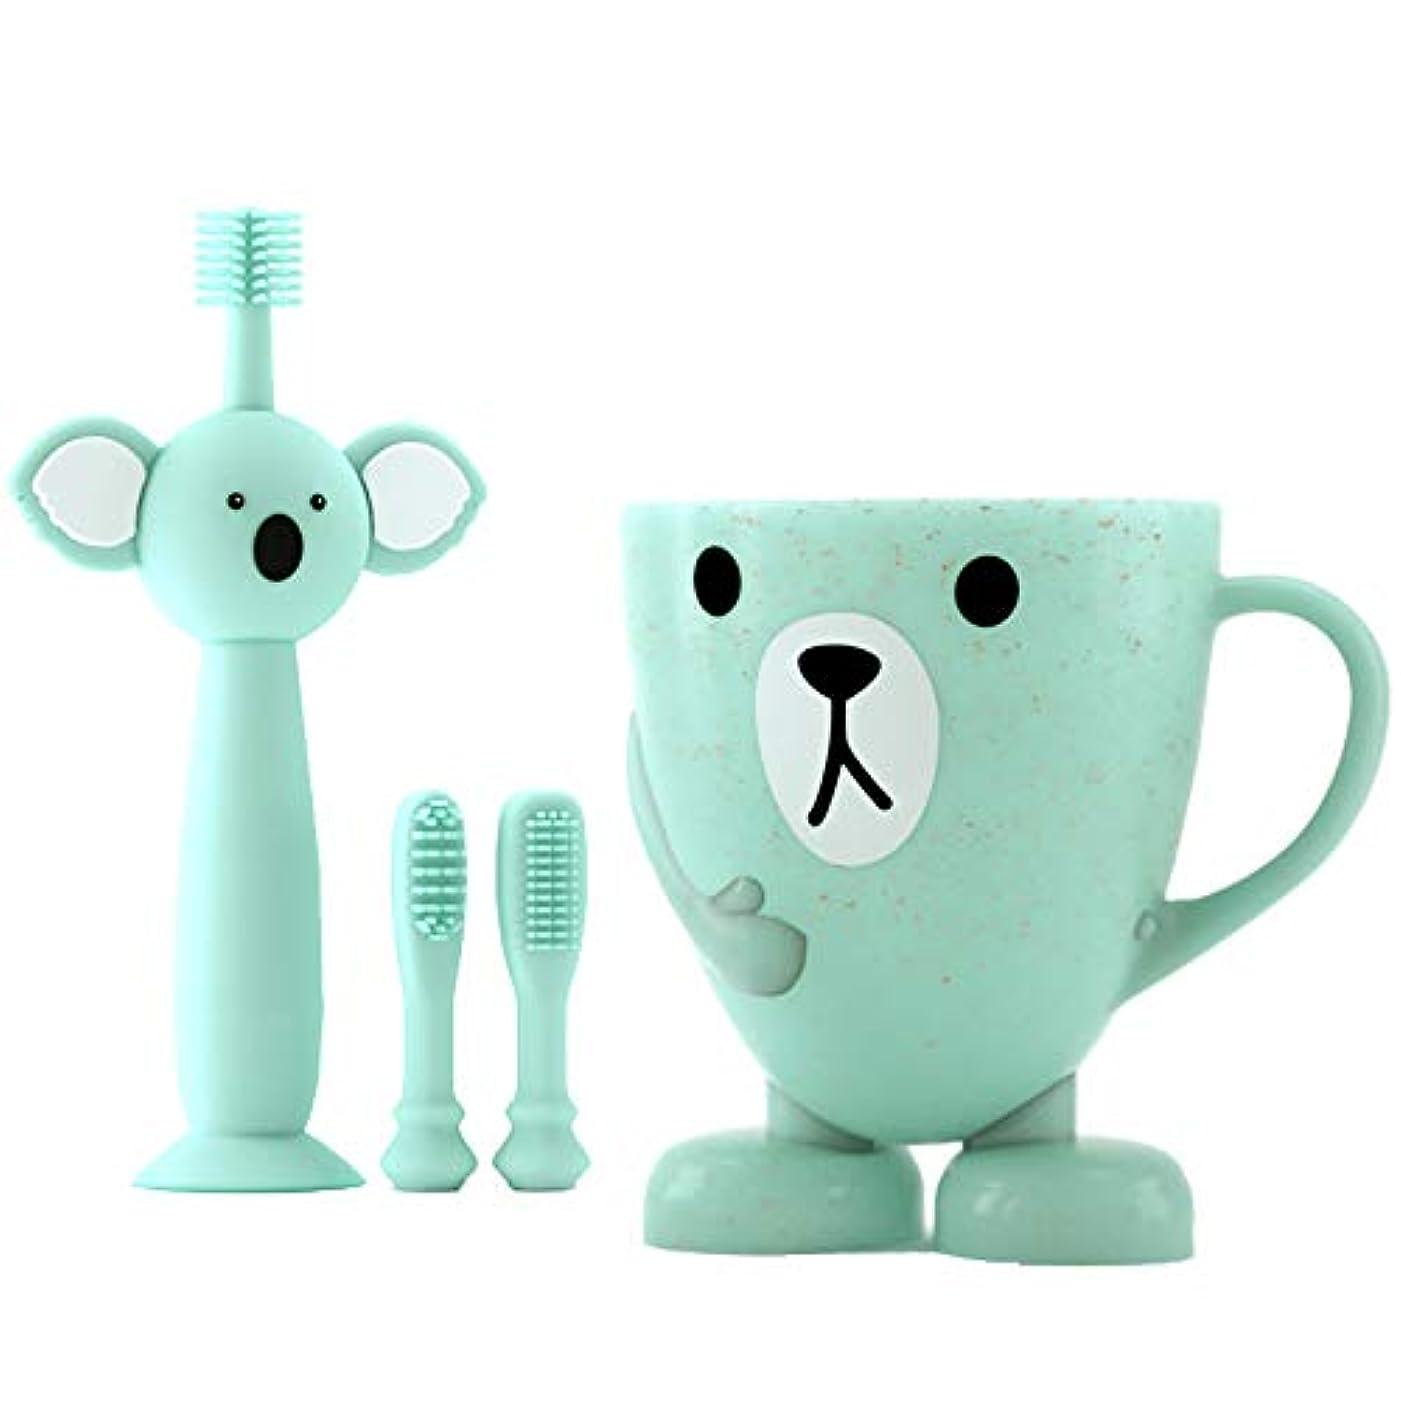 乗り出す経済ラインLUDNEE 子供用歯ブラシ 男女兼用 柔らかい 乳歯を保護する ベビー歯ブラシ シリコン歯ブラシ 乳歯用ブラシ (ブルー)